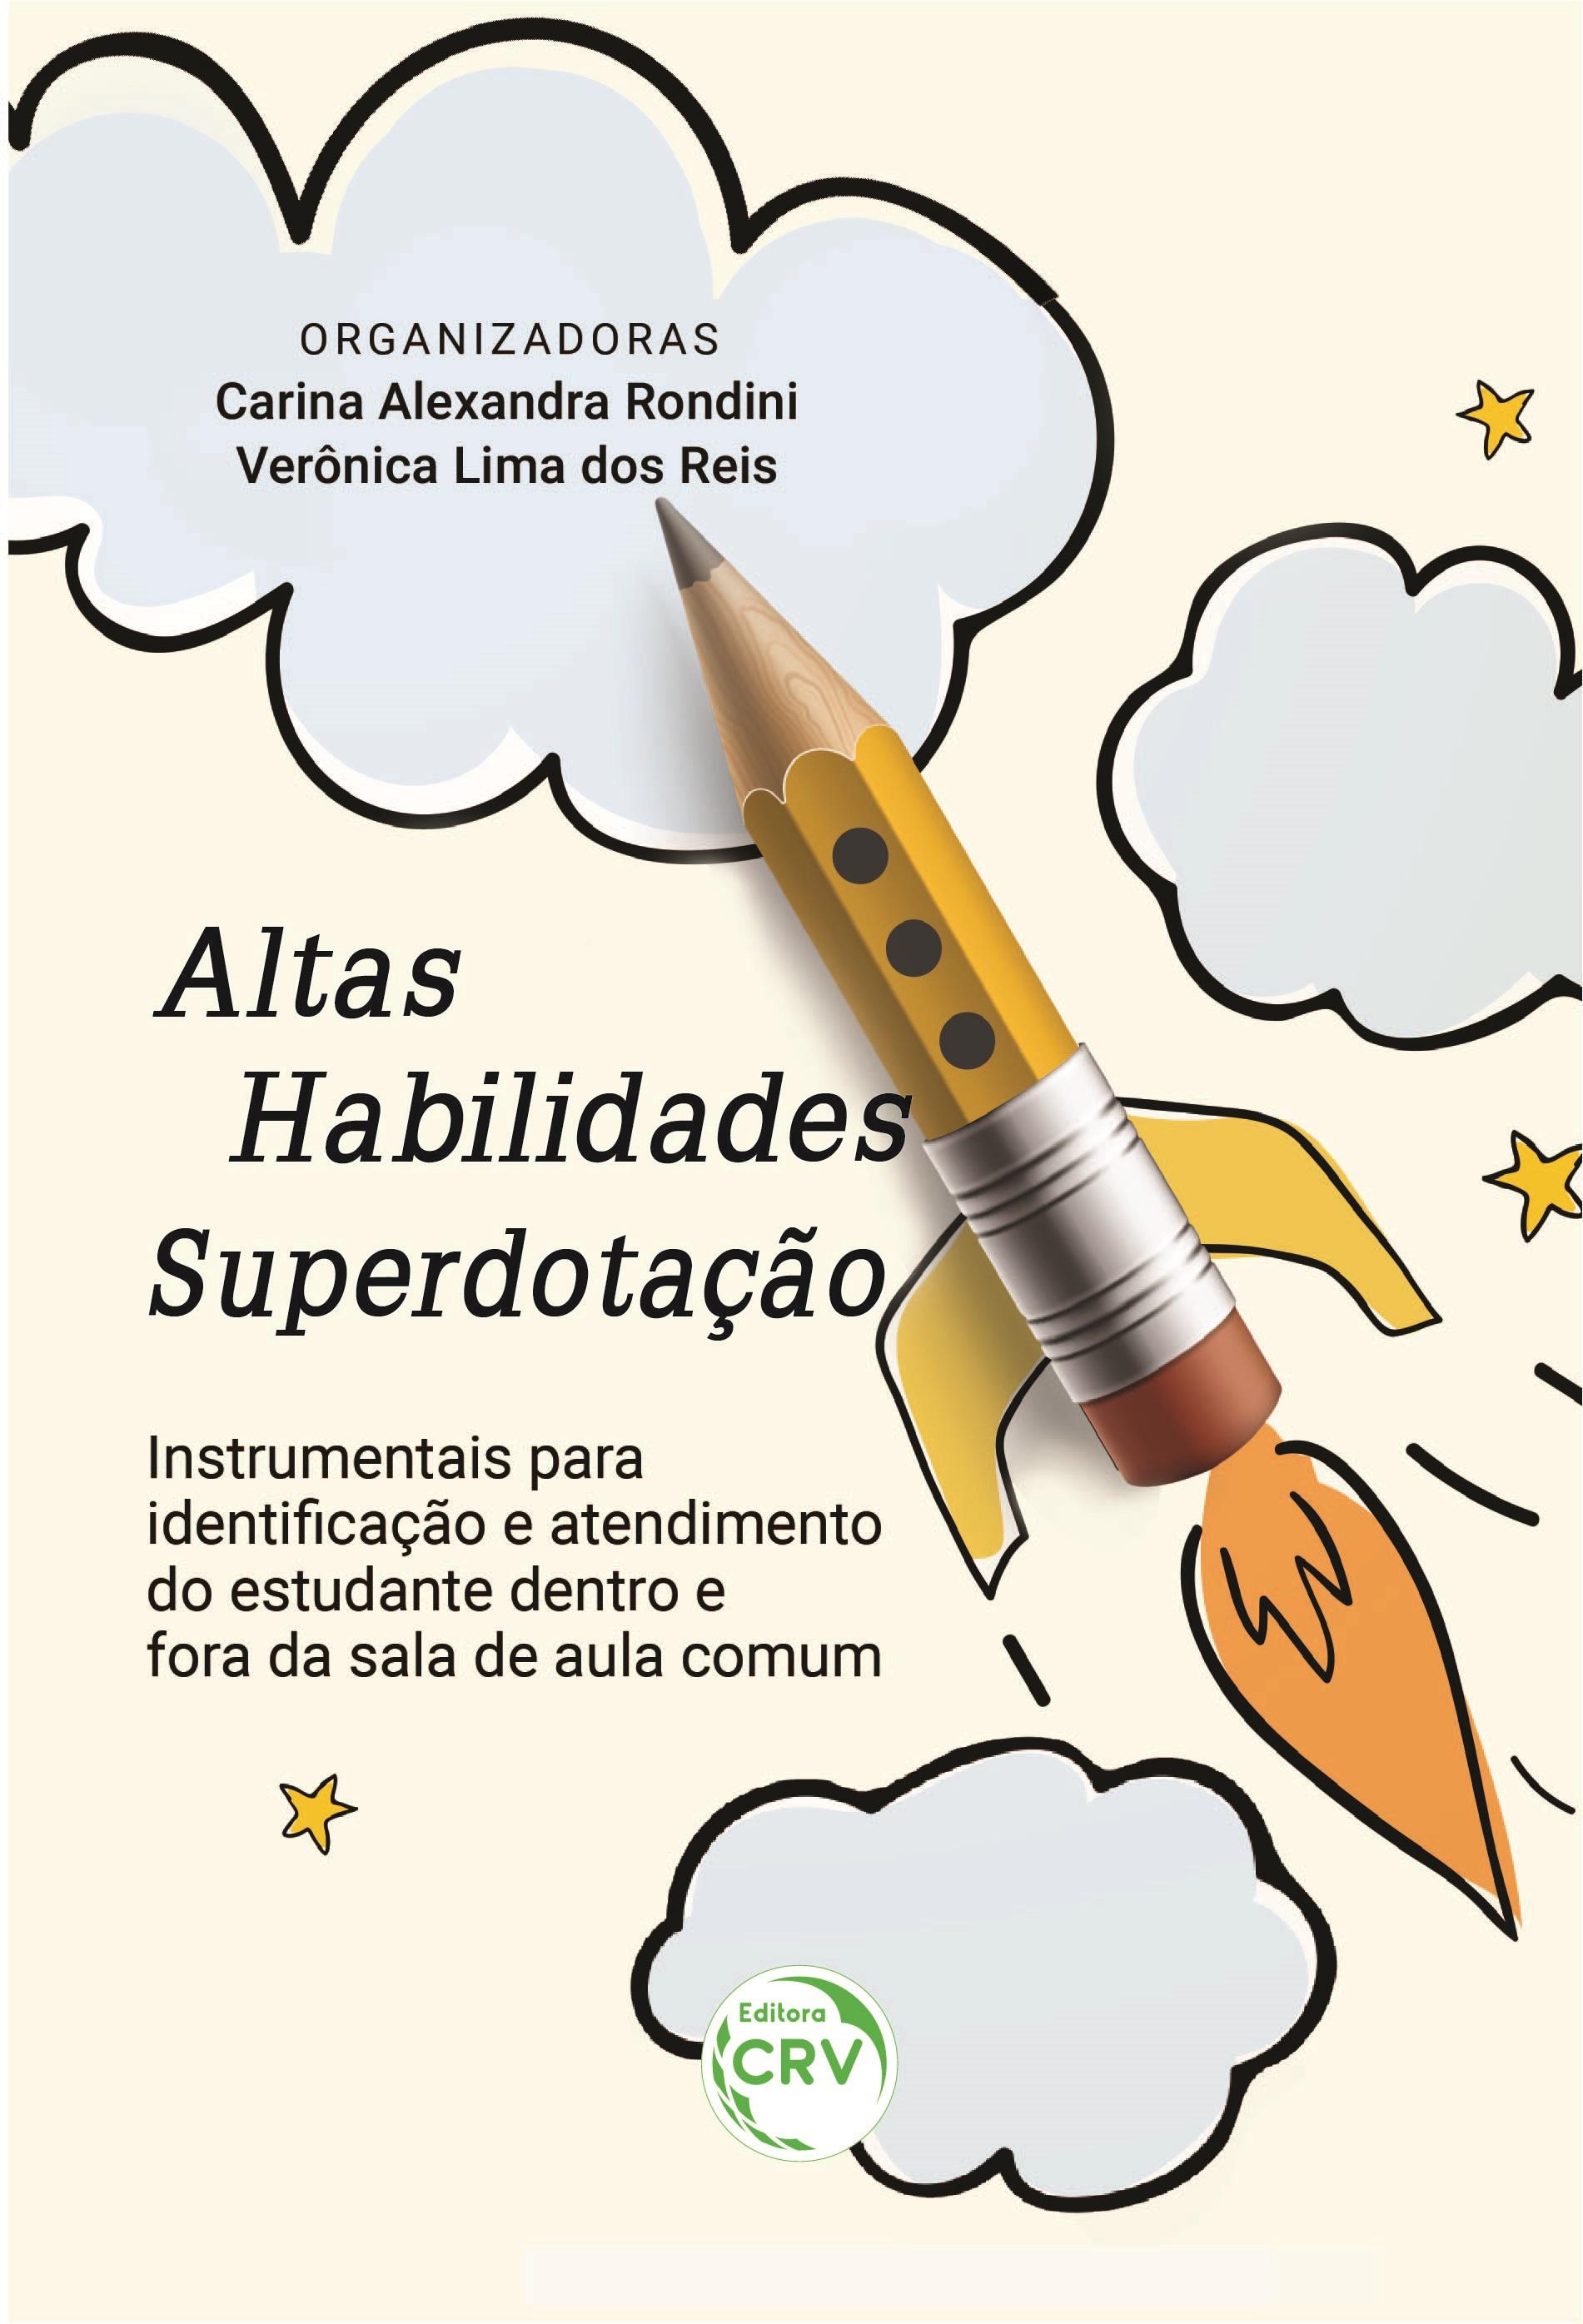 Capa do livro: ALTAS HABILIDADES/SUPERDOTAÇÃO:<br> Instrumentais para identificação e atendimento do estudante dentro e fora da sala de aula comum